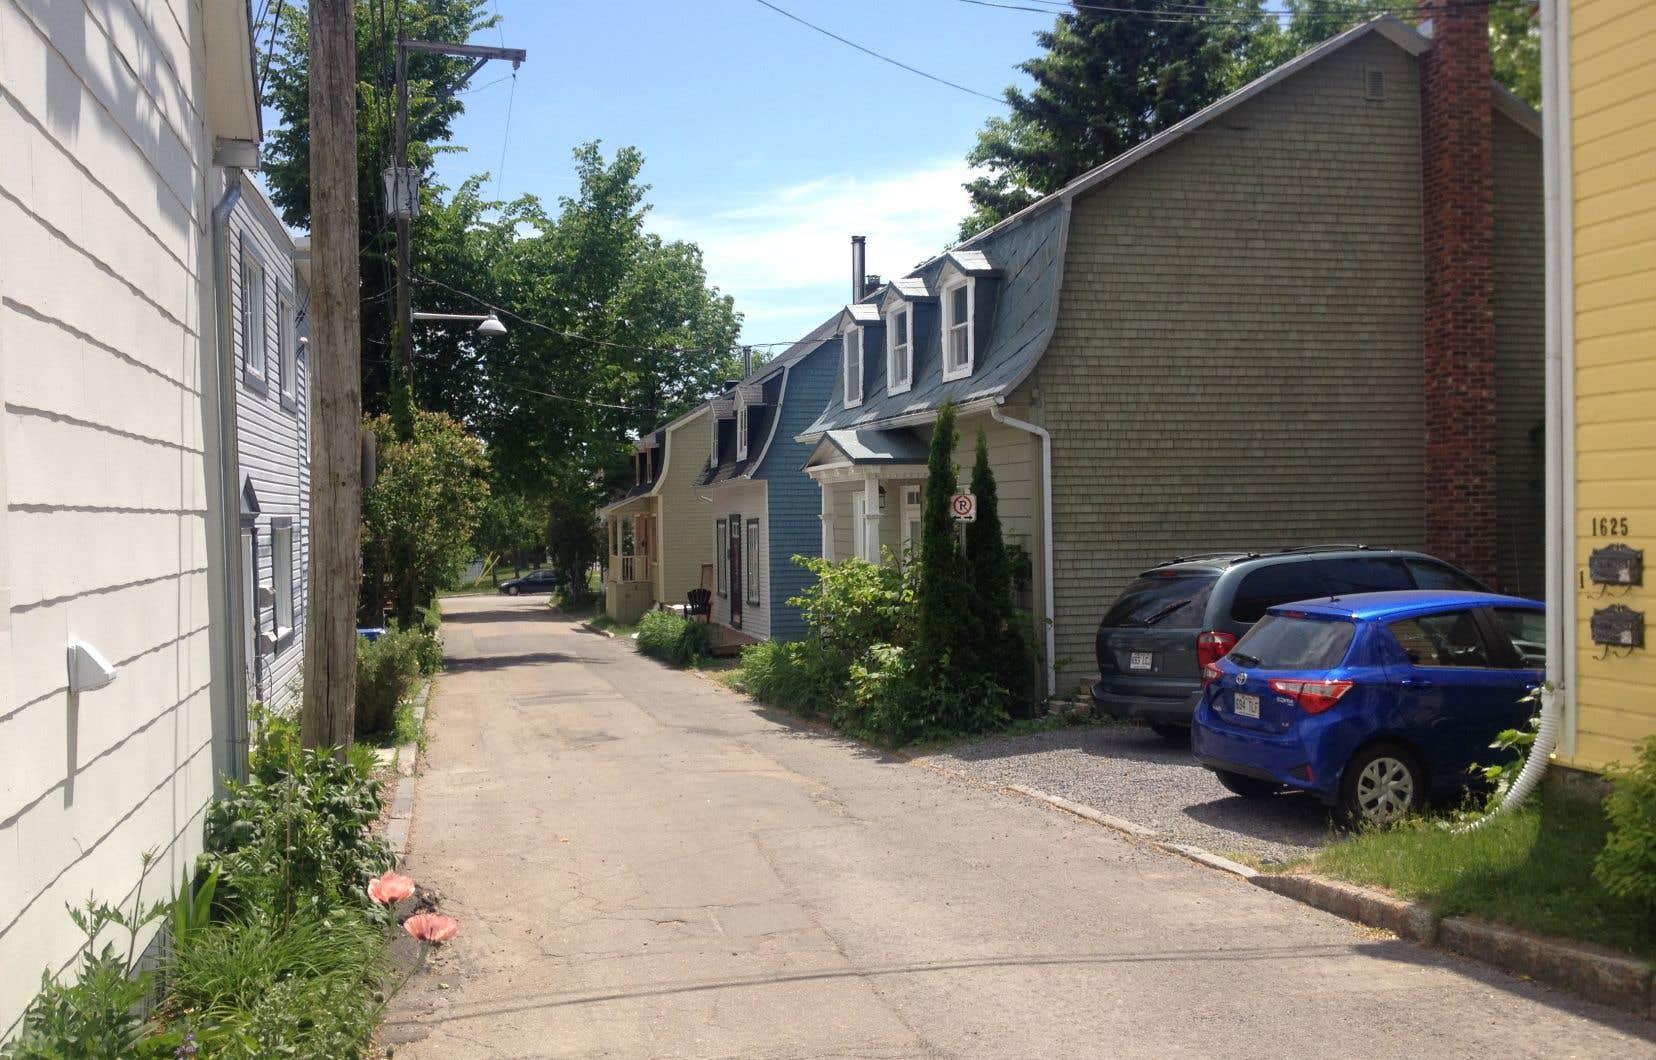 Un trafic automobile continu, dans un si petit quartier, va causer un tort considérable à ceux et celles qui l'habitent, affirme l'auteur.